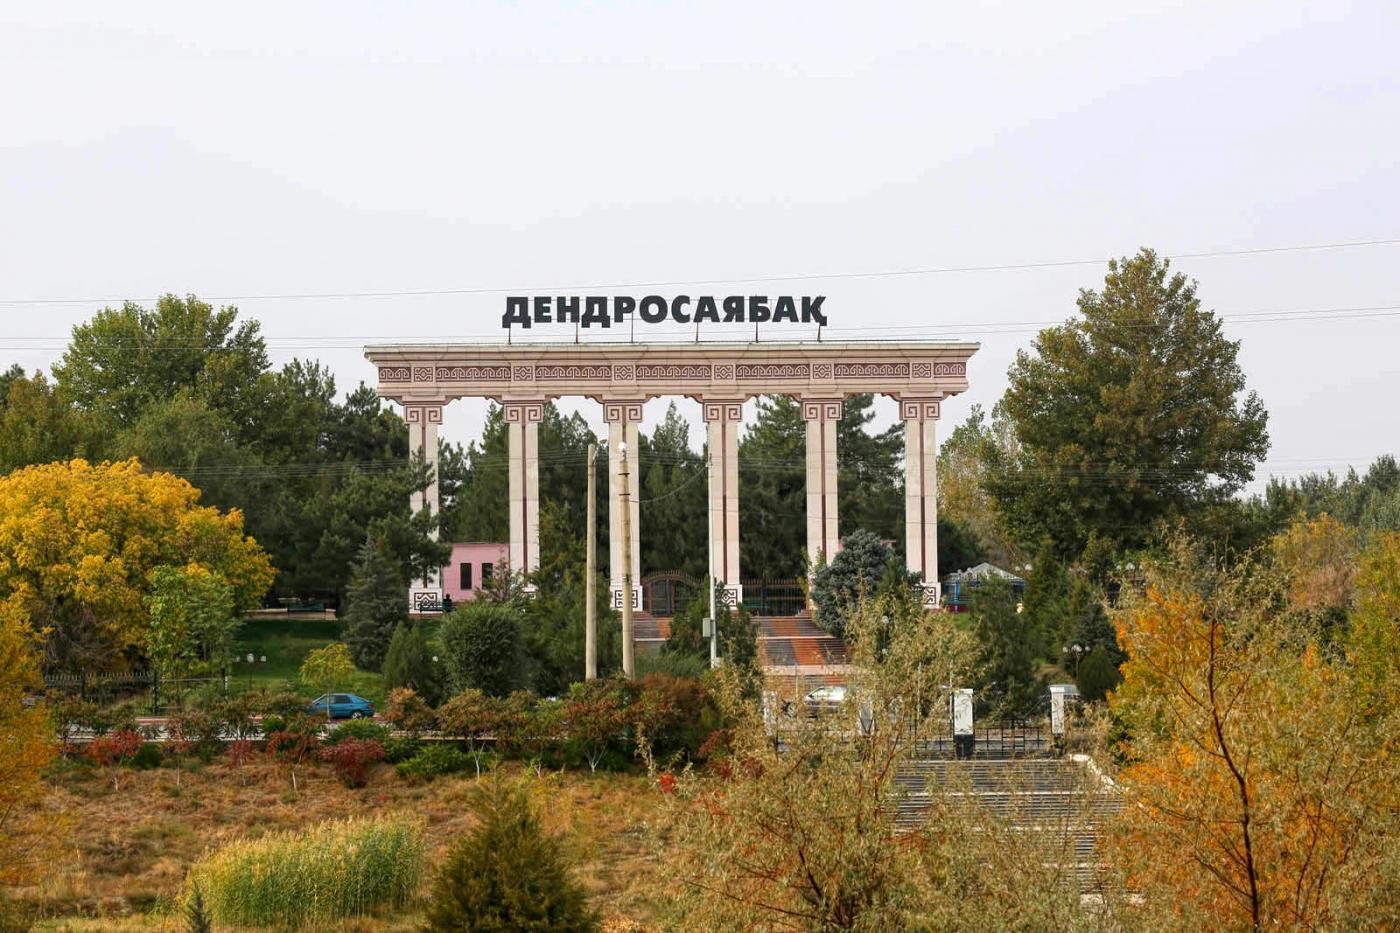 Дендропарк в Шымкенте